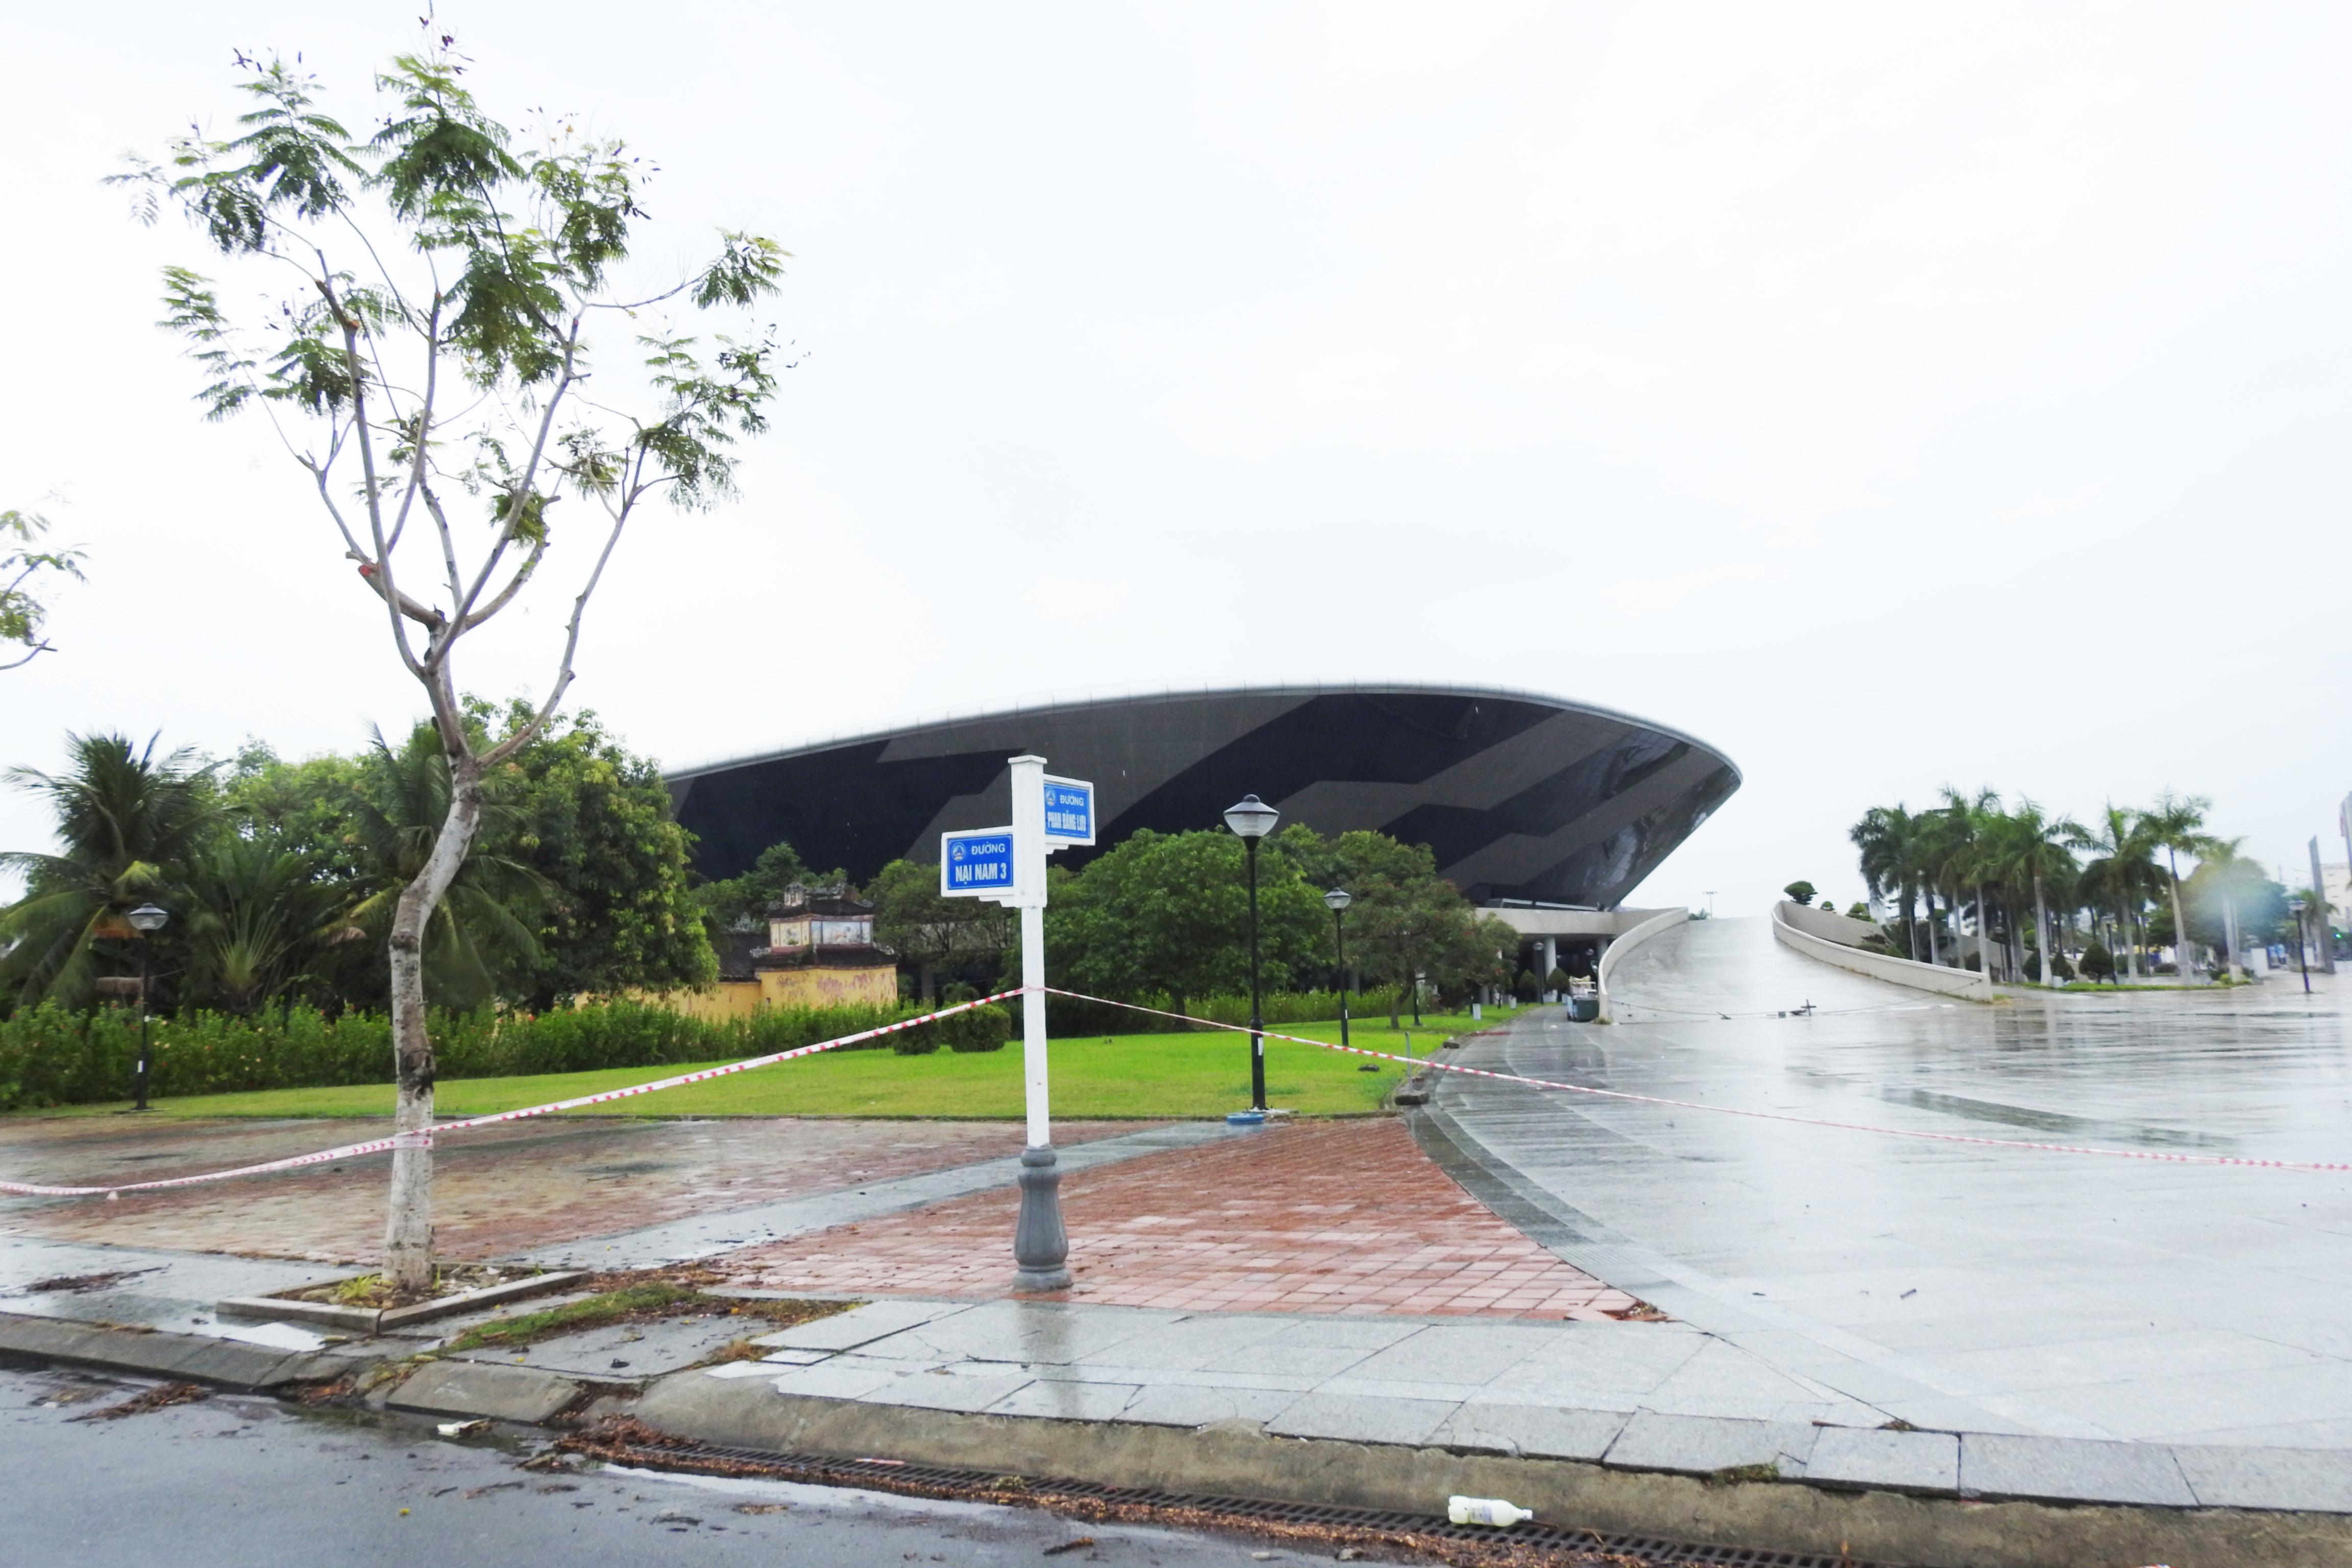 Dự kiến Bệnh viện dã chiến 2.000 giường ở Cung thể thao Tiên Sơn (phường Hòa Cường, quận Hải Châu) sẽ đón BN Covid – 19 đầu tiên vào ngày 5/8. Ảnh Bình Nguyên.